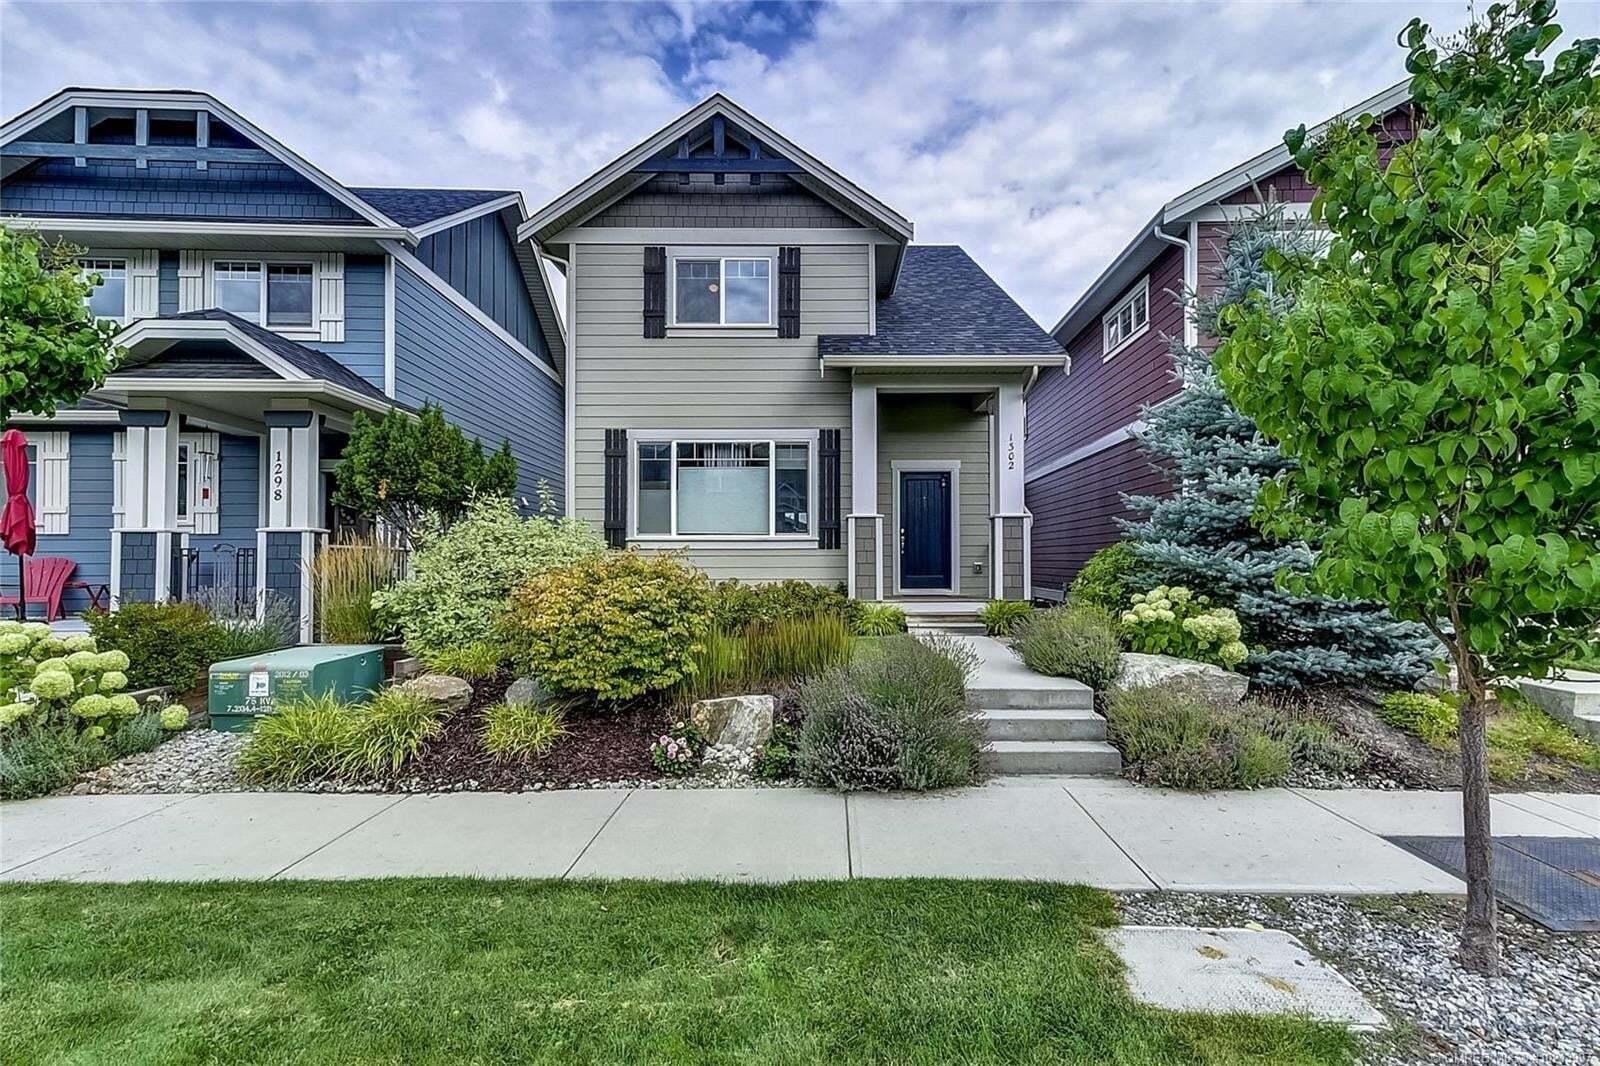 House for sale at 1302 Bergamot Ave Kelowna British Columbia - MLS: 10213997